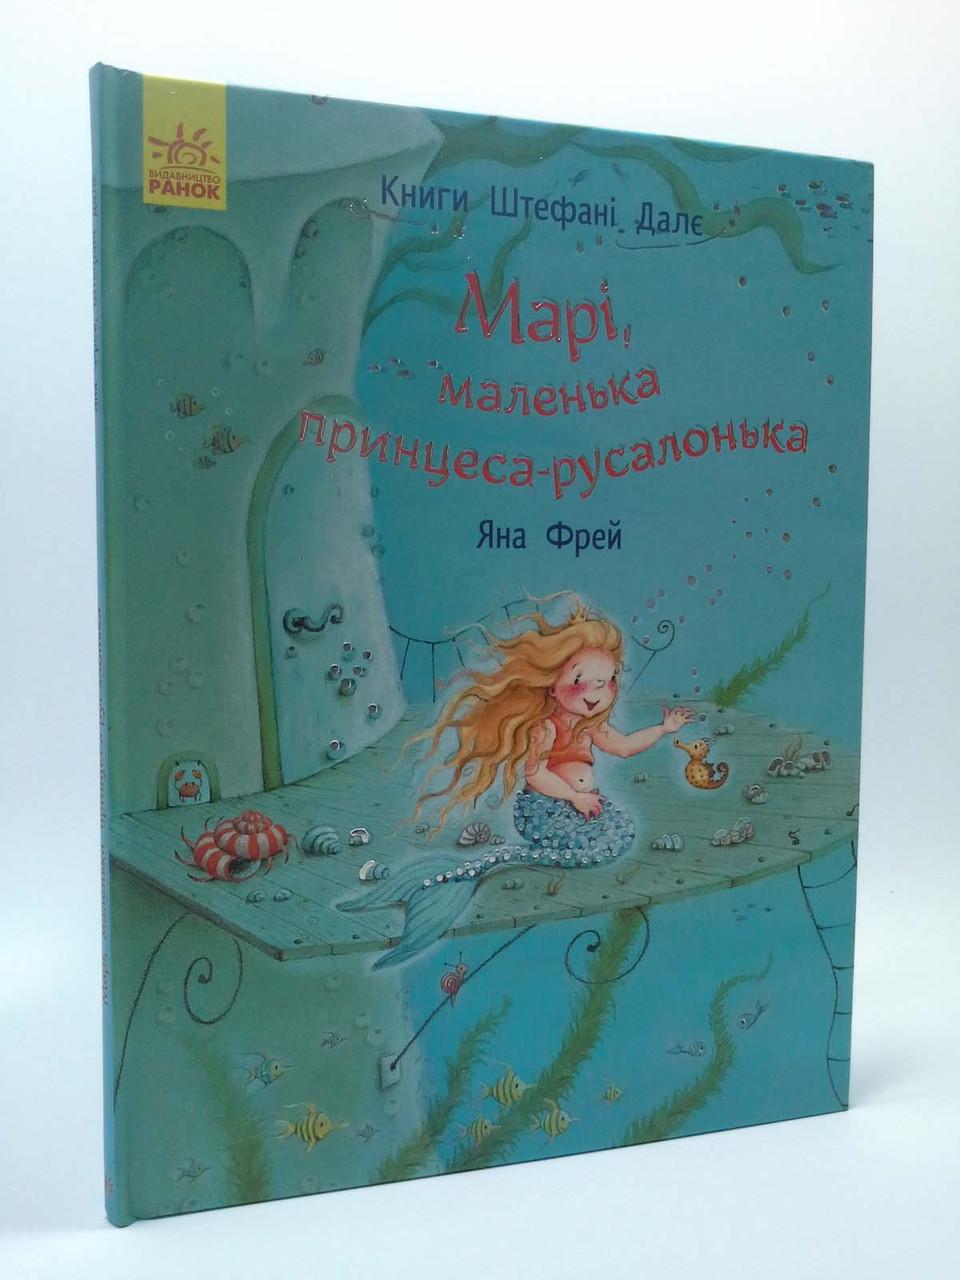 Ранок Книги Штефані Далє Марі маленька принцеса русалонька